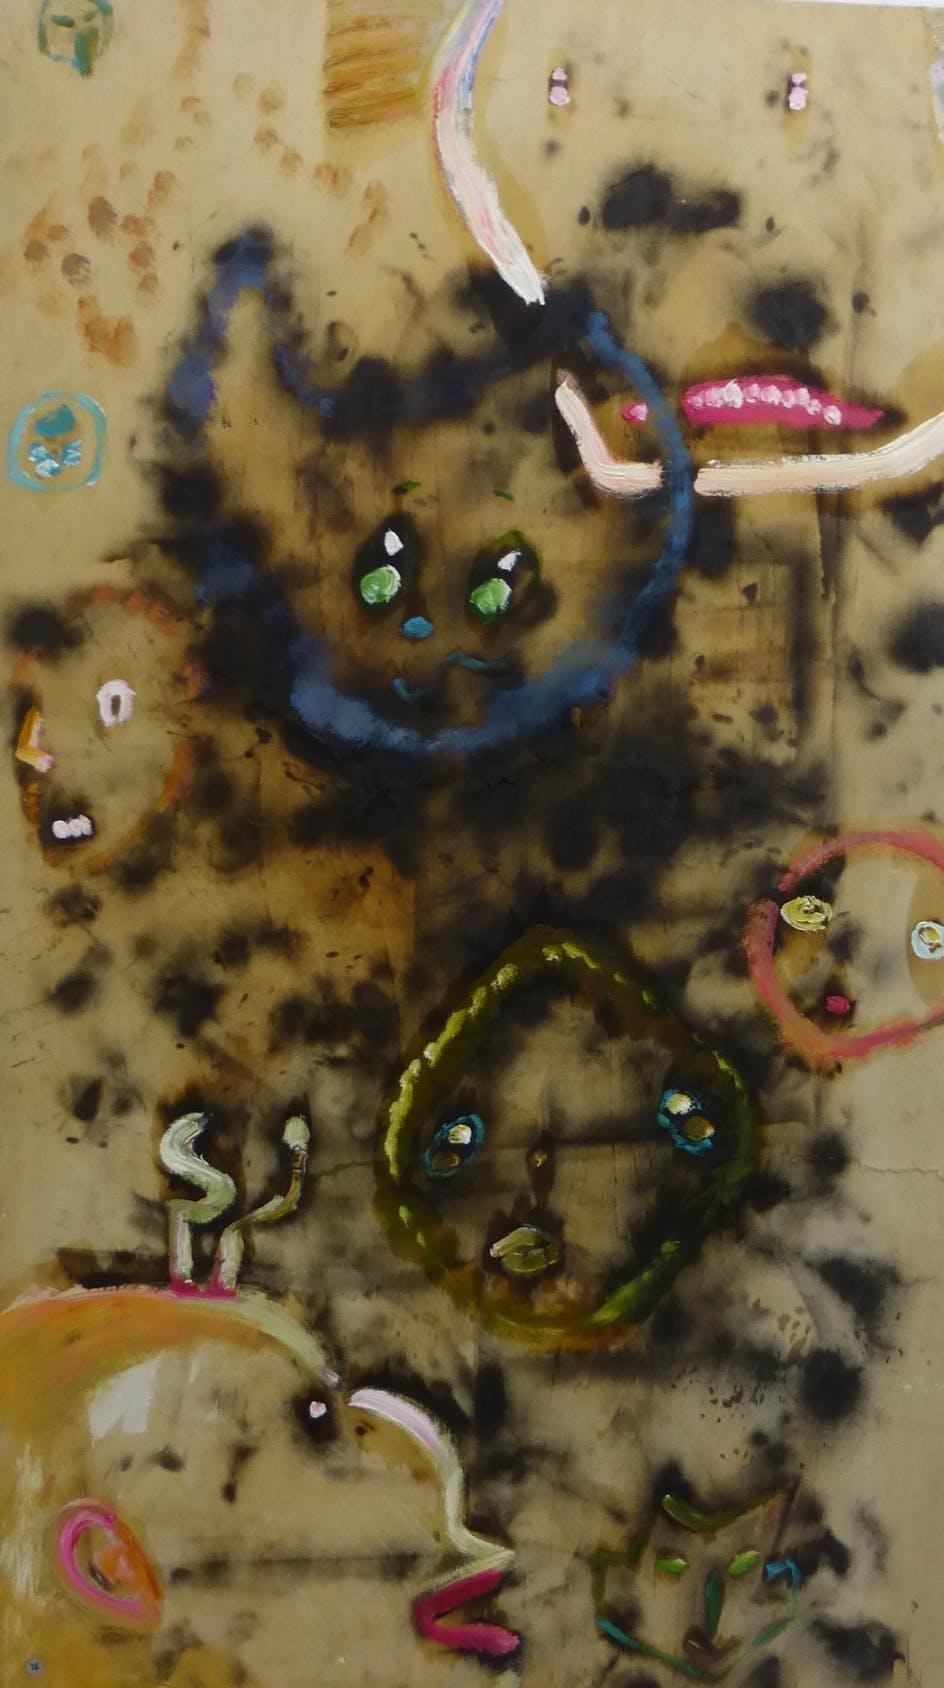 焼け跡の中の生き物達 / creatures in the burn mark